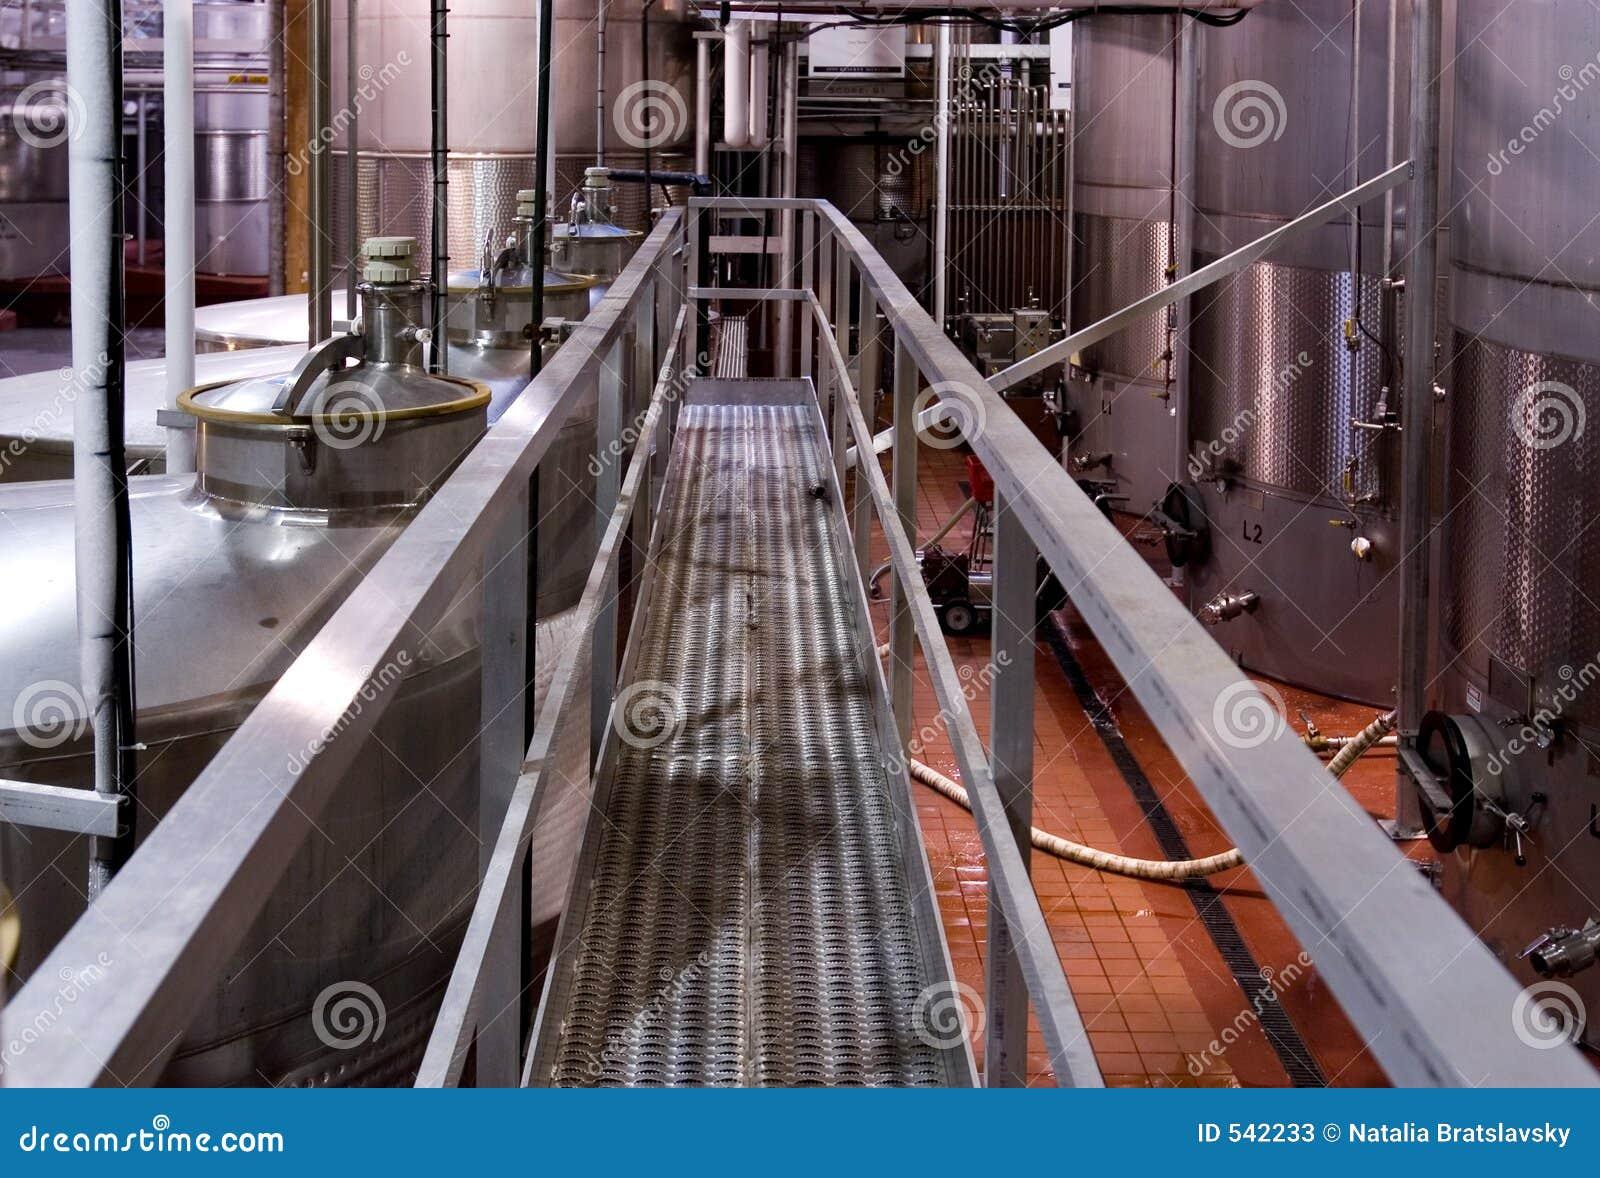 Download 用管道输送坦克 库存图片. 图片 包括有 准备, 责备, 红色, 预留, 烟囱, 工厂, 不锈, 保留, 酿酒厂 - 542233